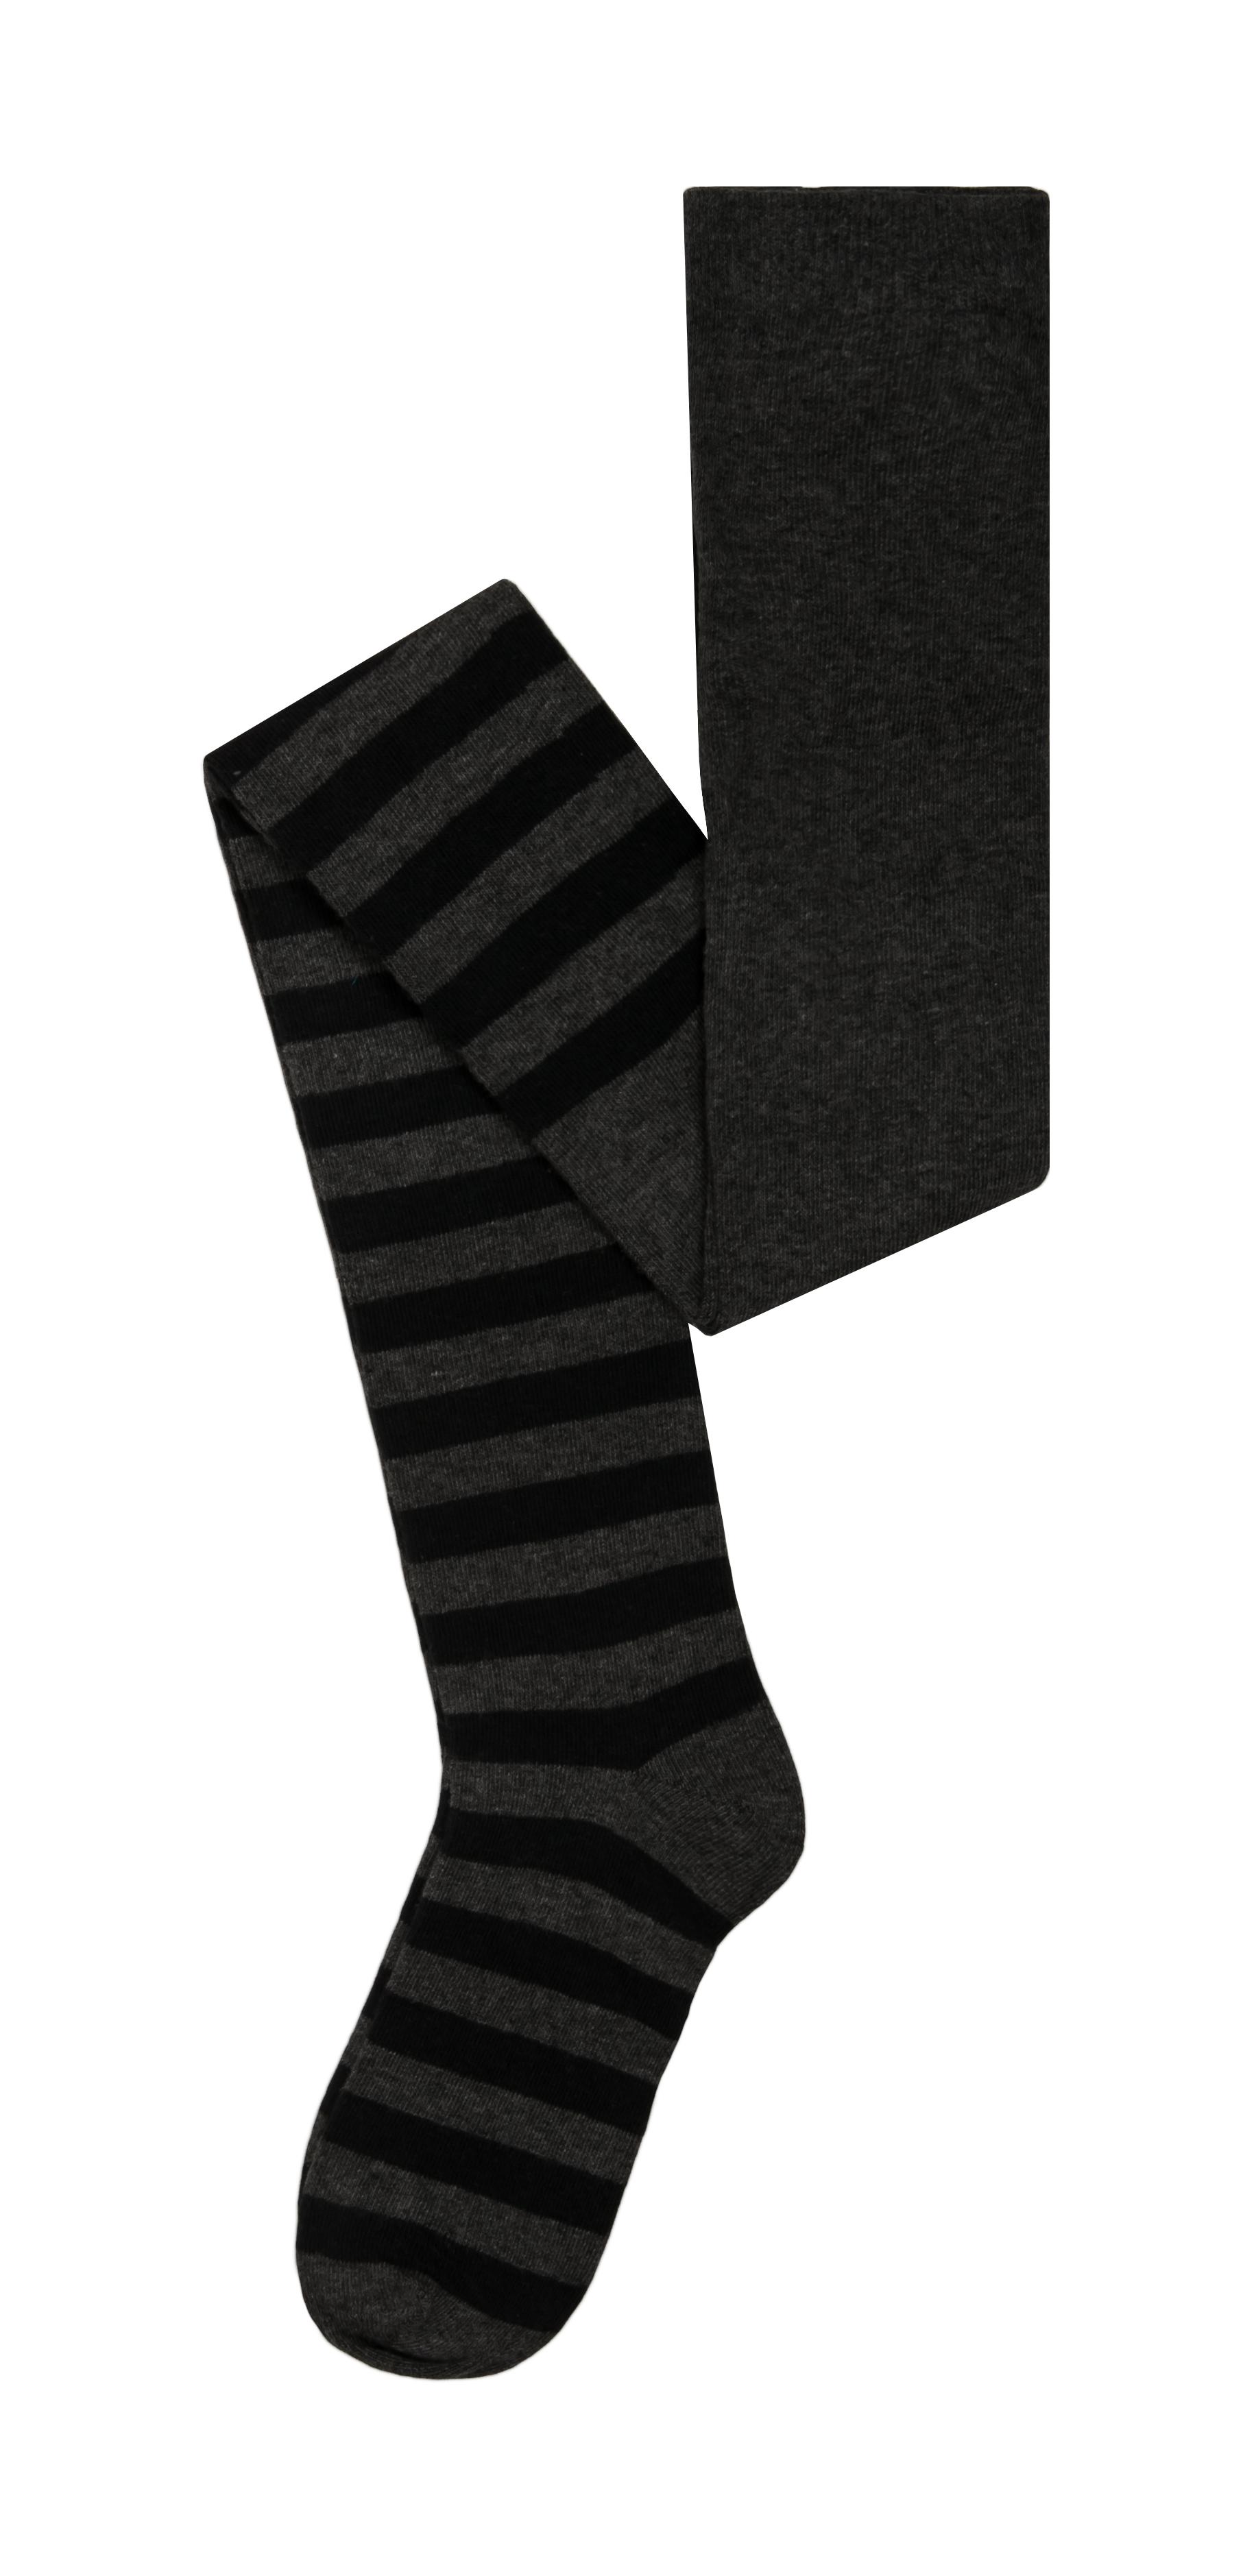 Колготки Barkito графитовые колготки носки гетры reike колготки rph18 bs5